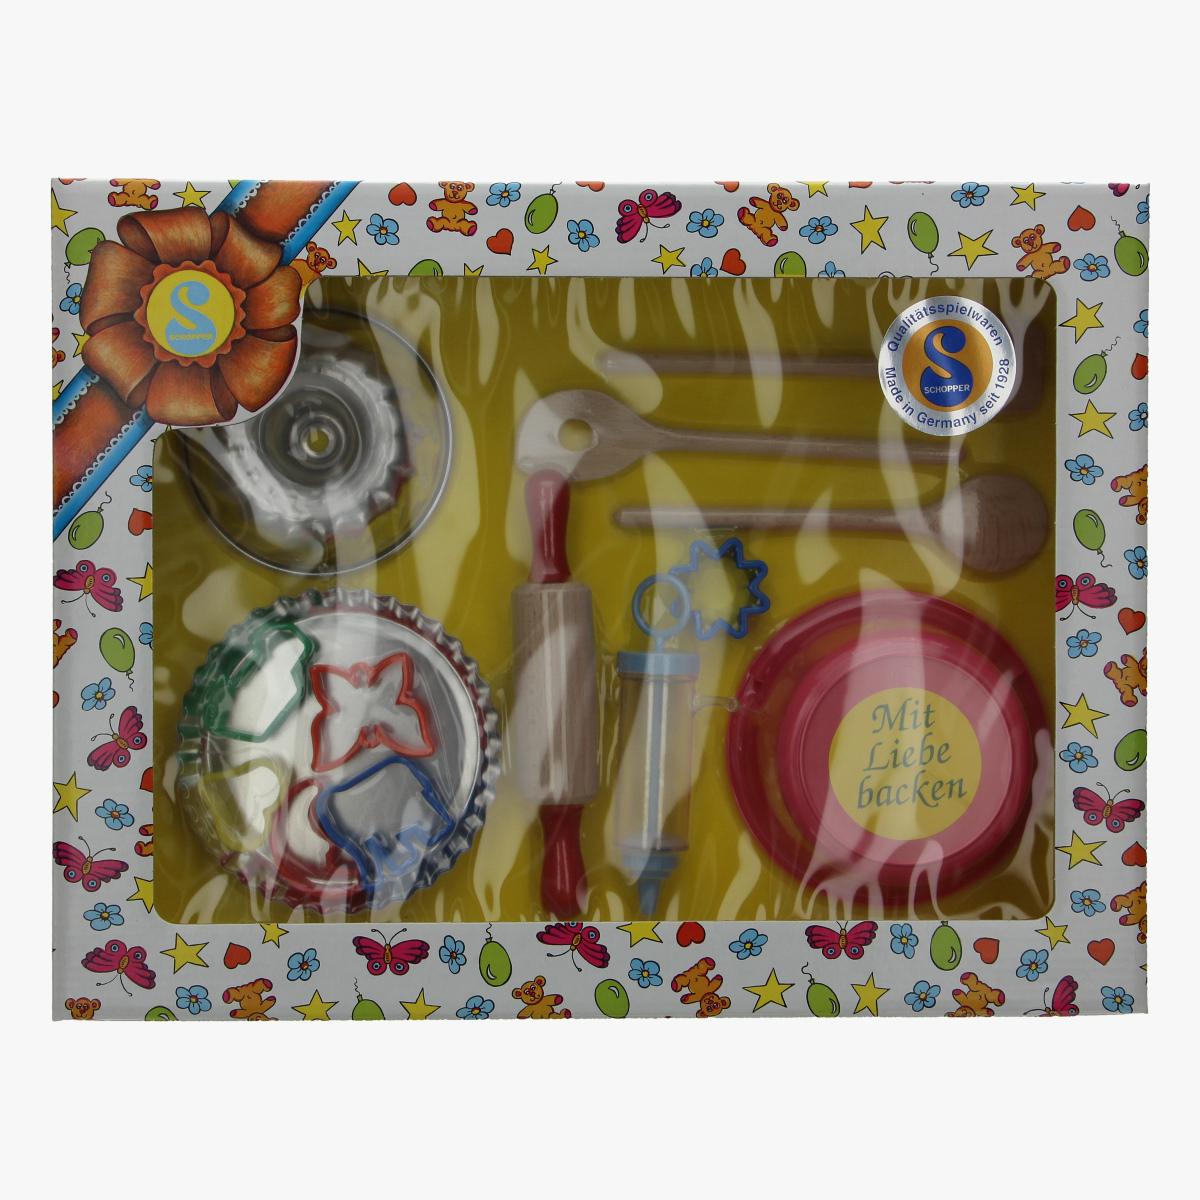 Afbeeldingen van speelgoed bakkersvormen enz schopper made in germany  repro